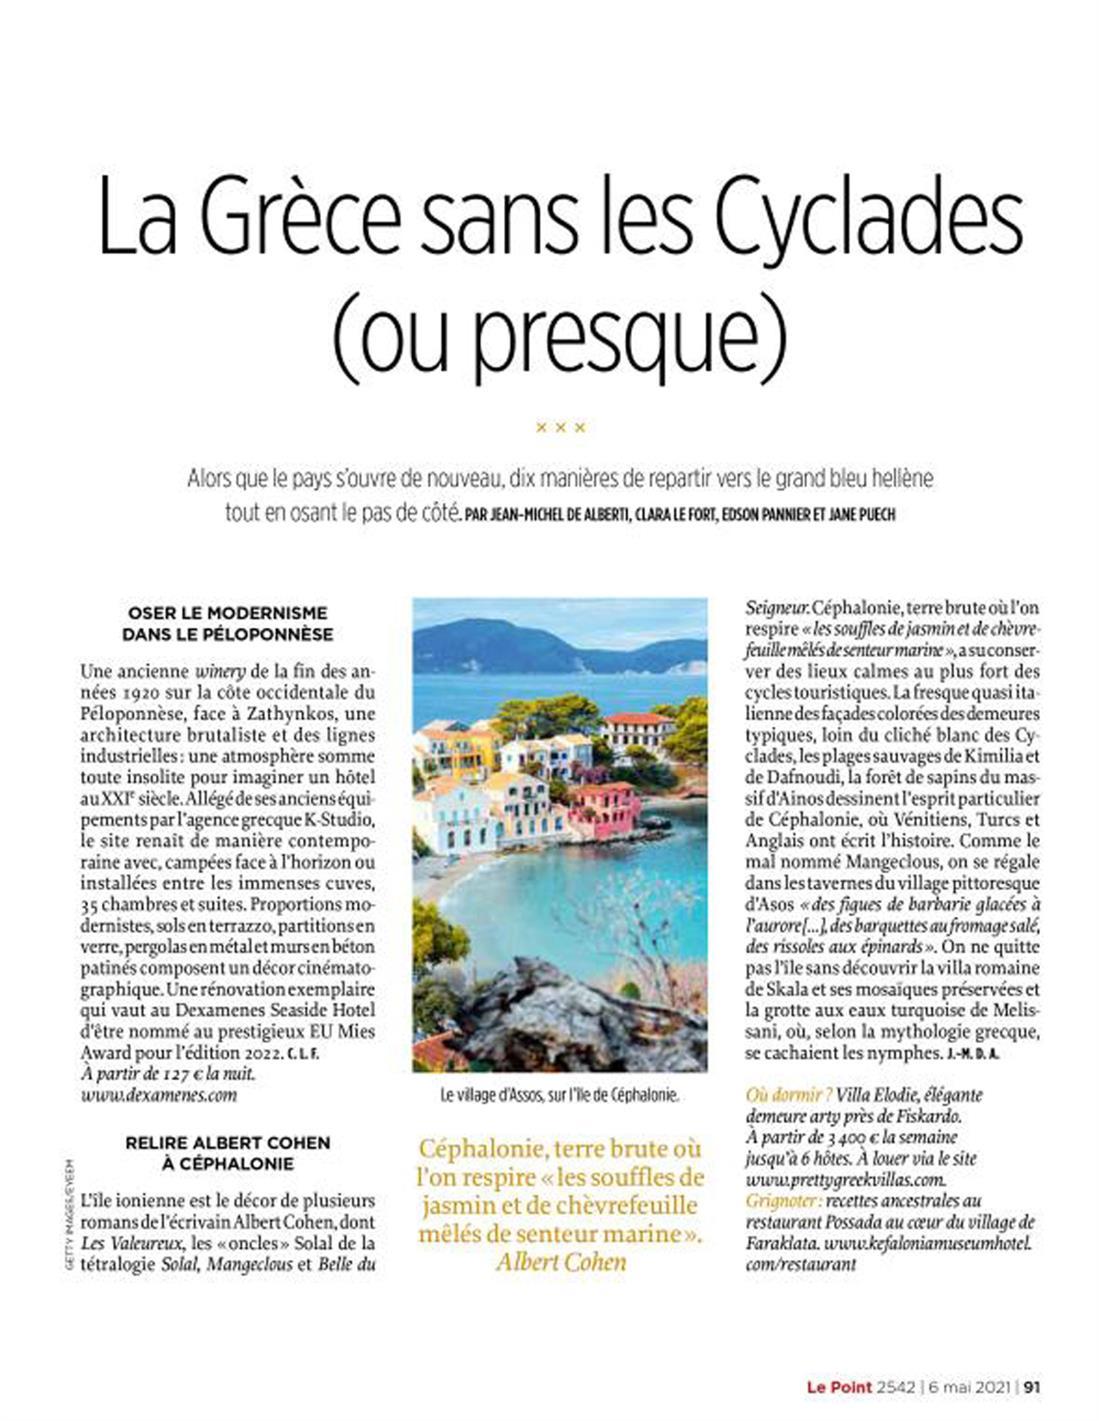 γαλλικό περιοδικό - Le Point -  Ελλάδα